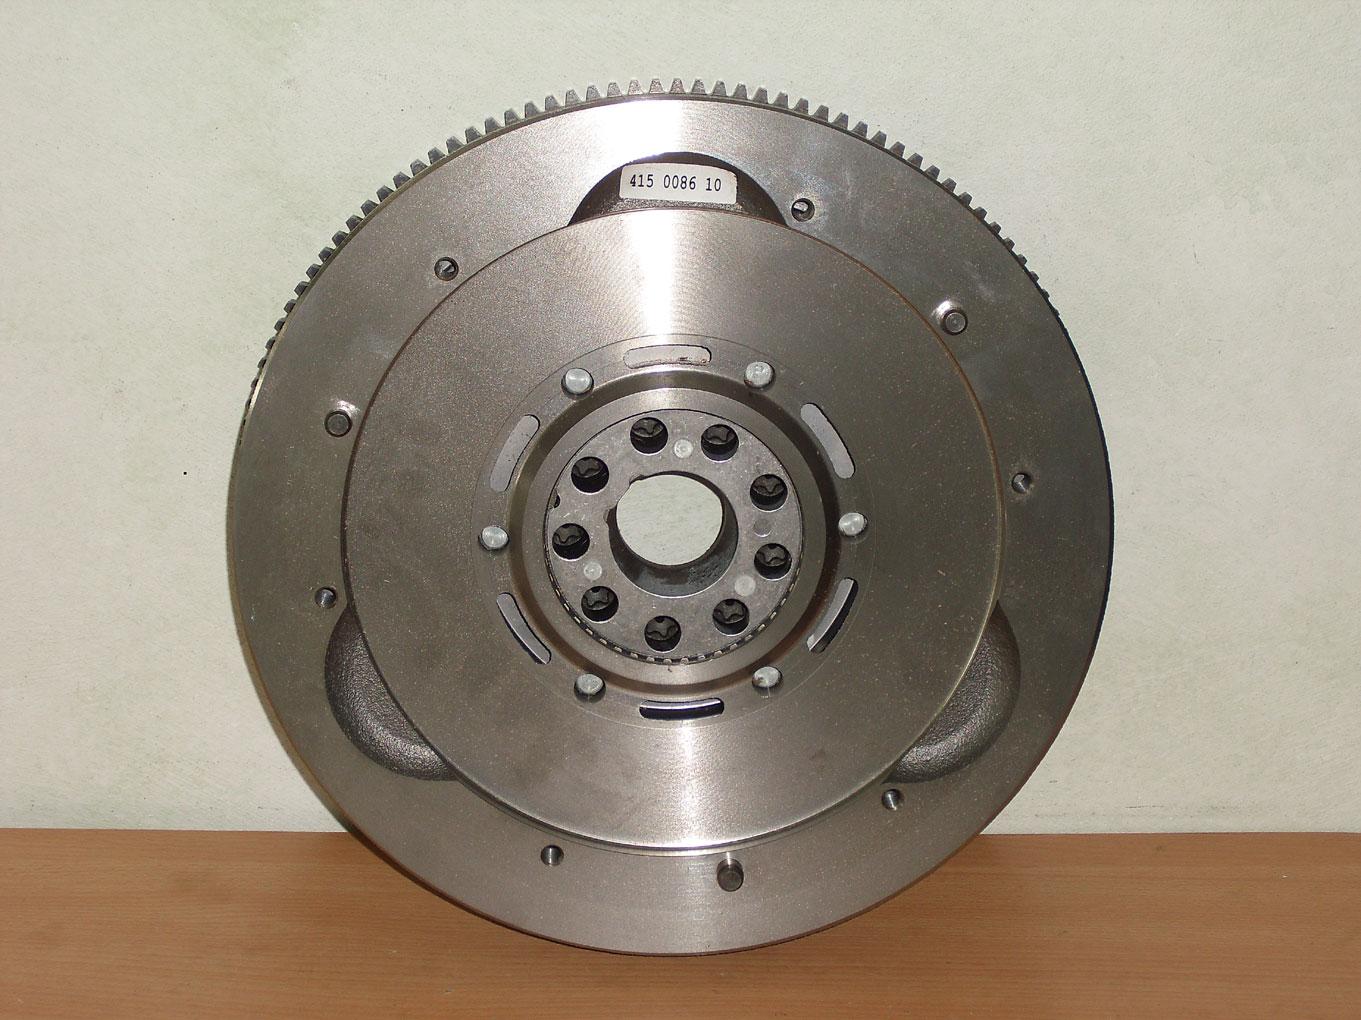 LUK 415 0659 10 Transmission Dual Mass Flywheel DMF Replacement Mercedes-Benz